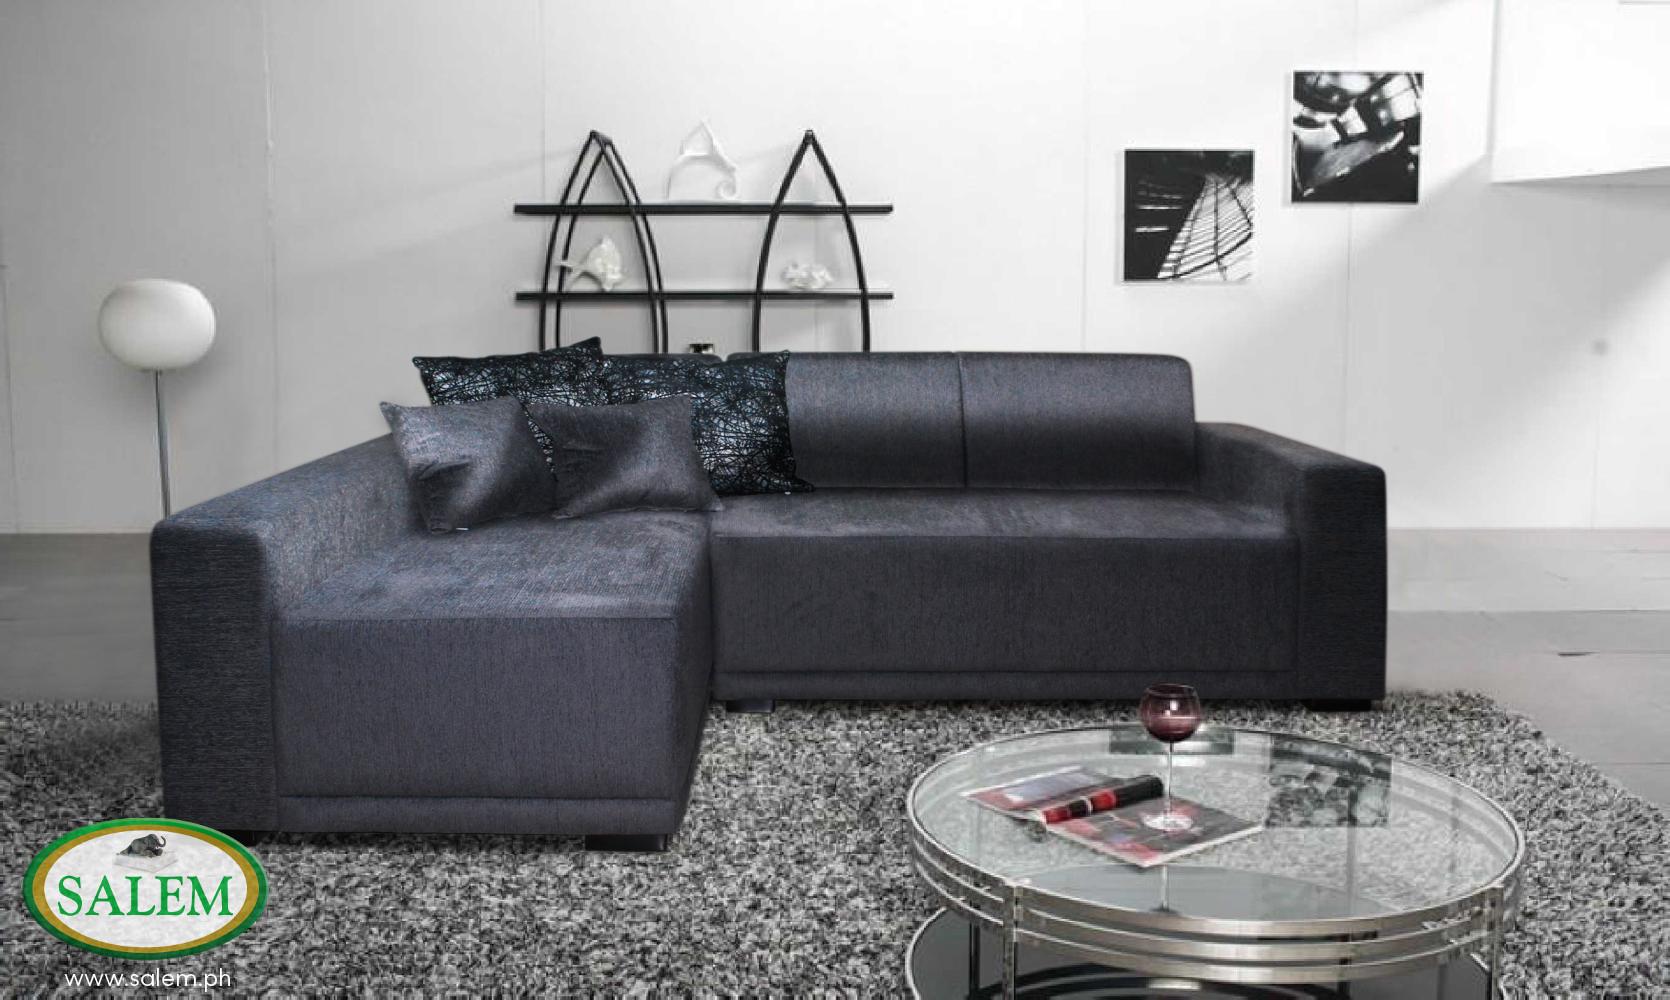 Salem Bedu0027s Ashford Sofa